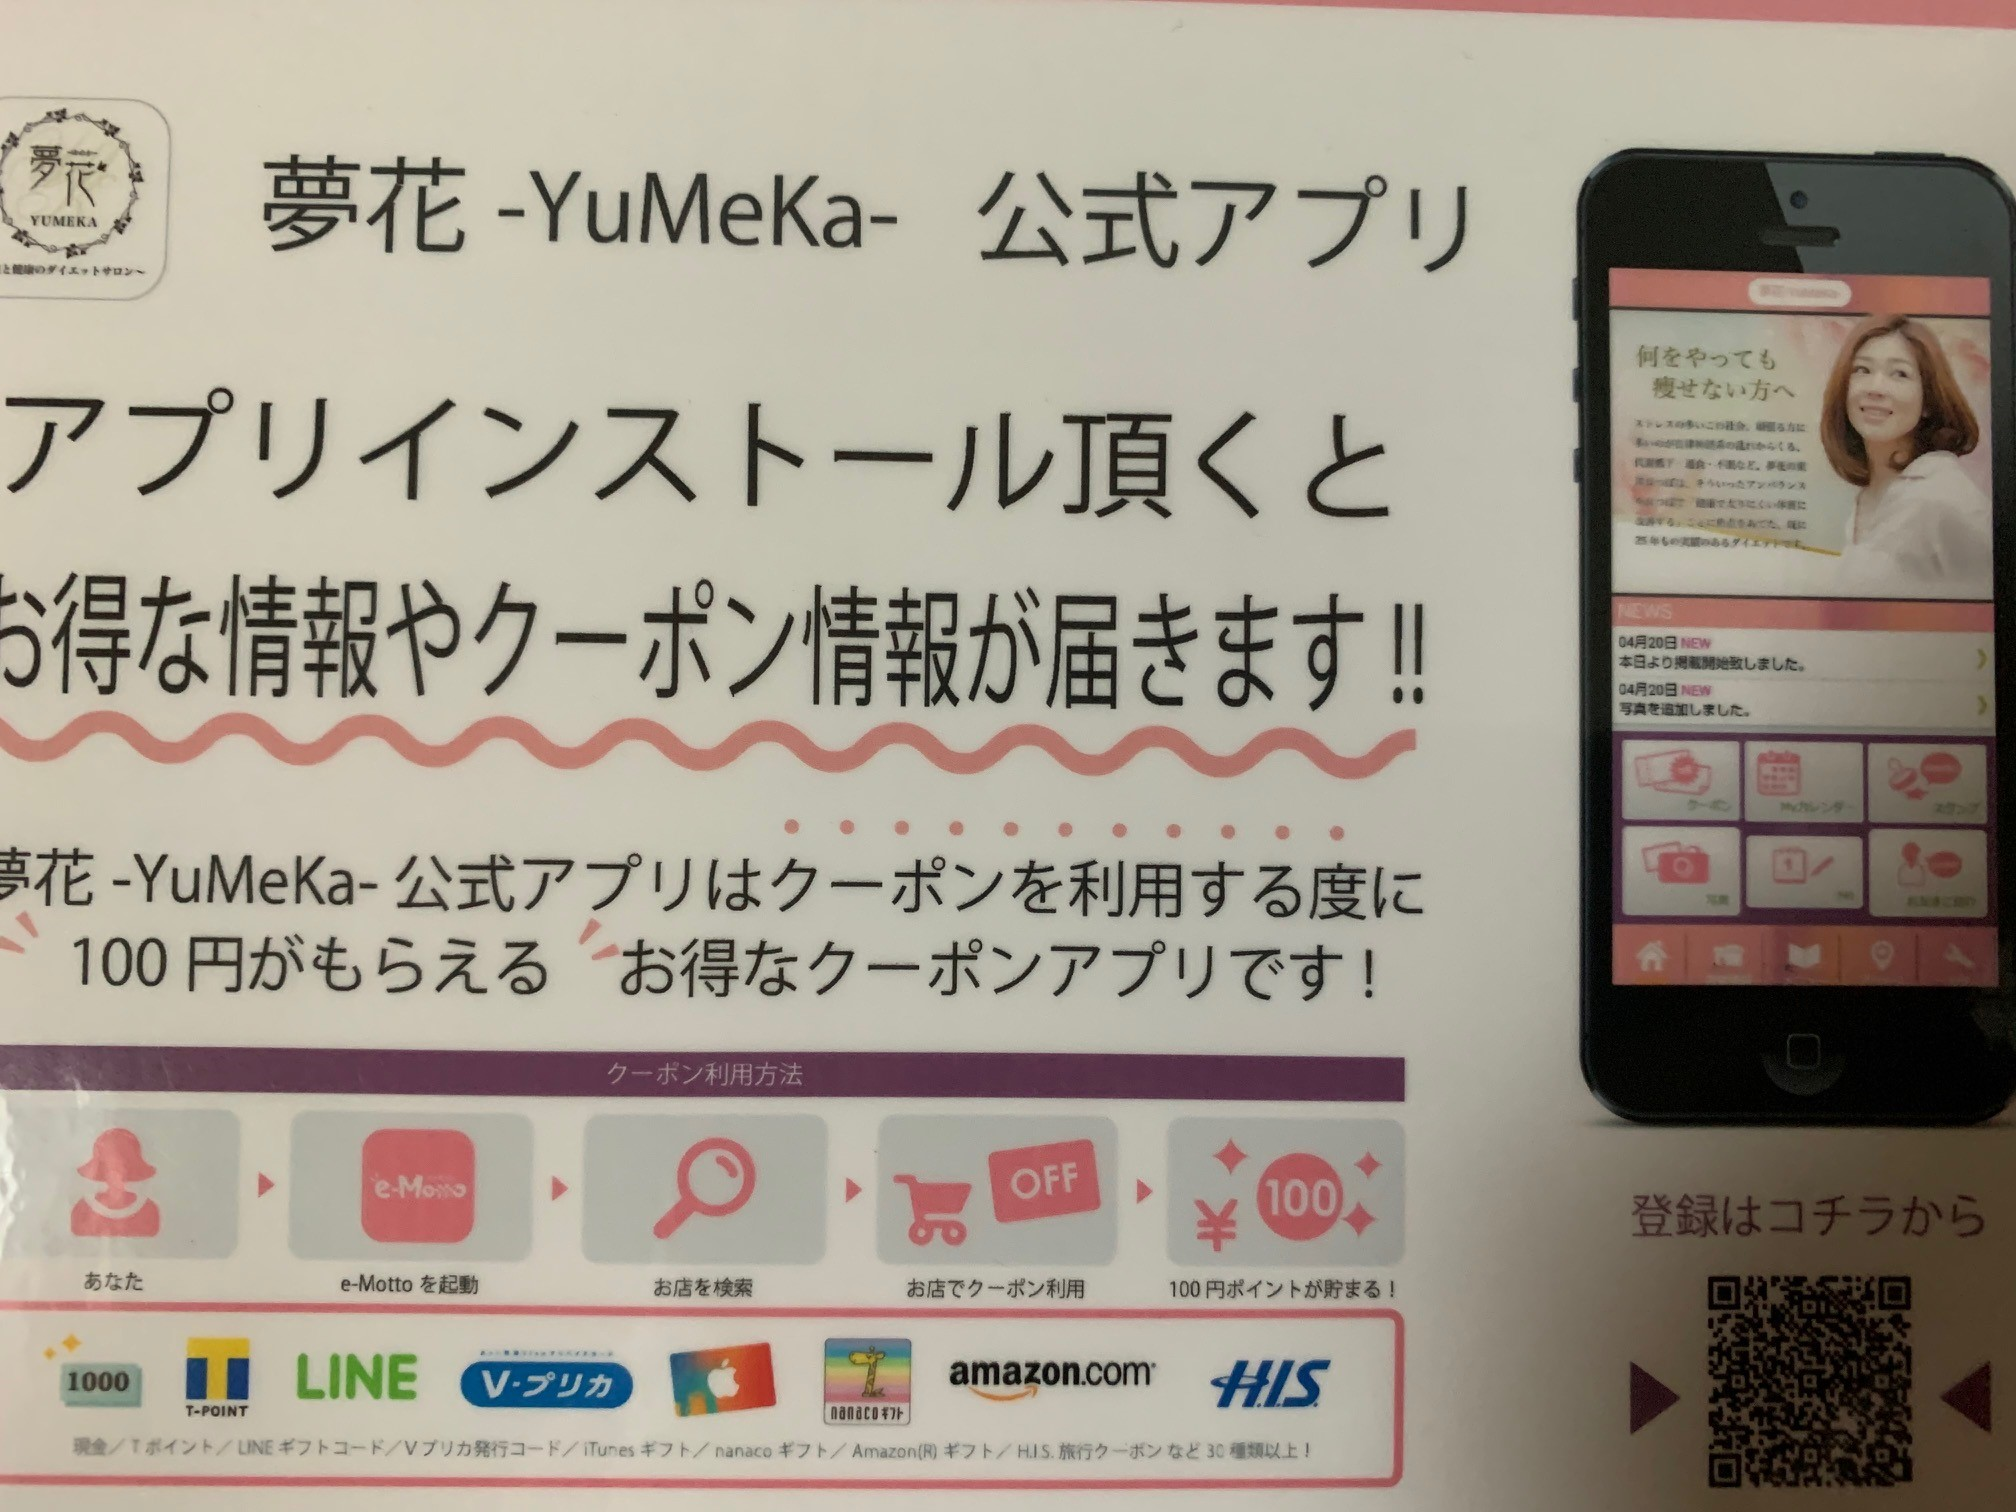 夢花専用携帯アプリを作りました。